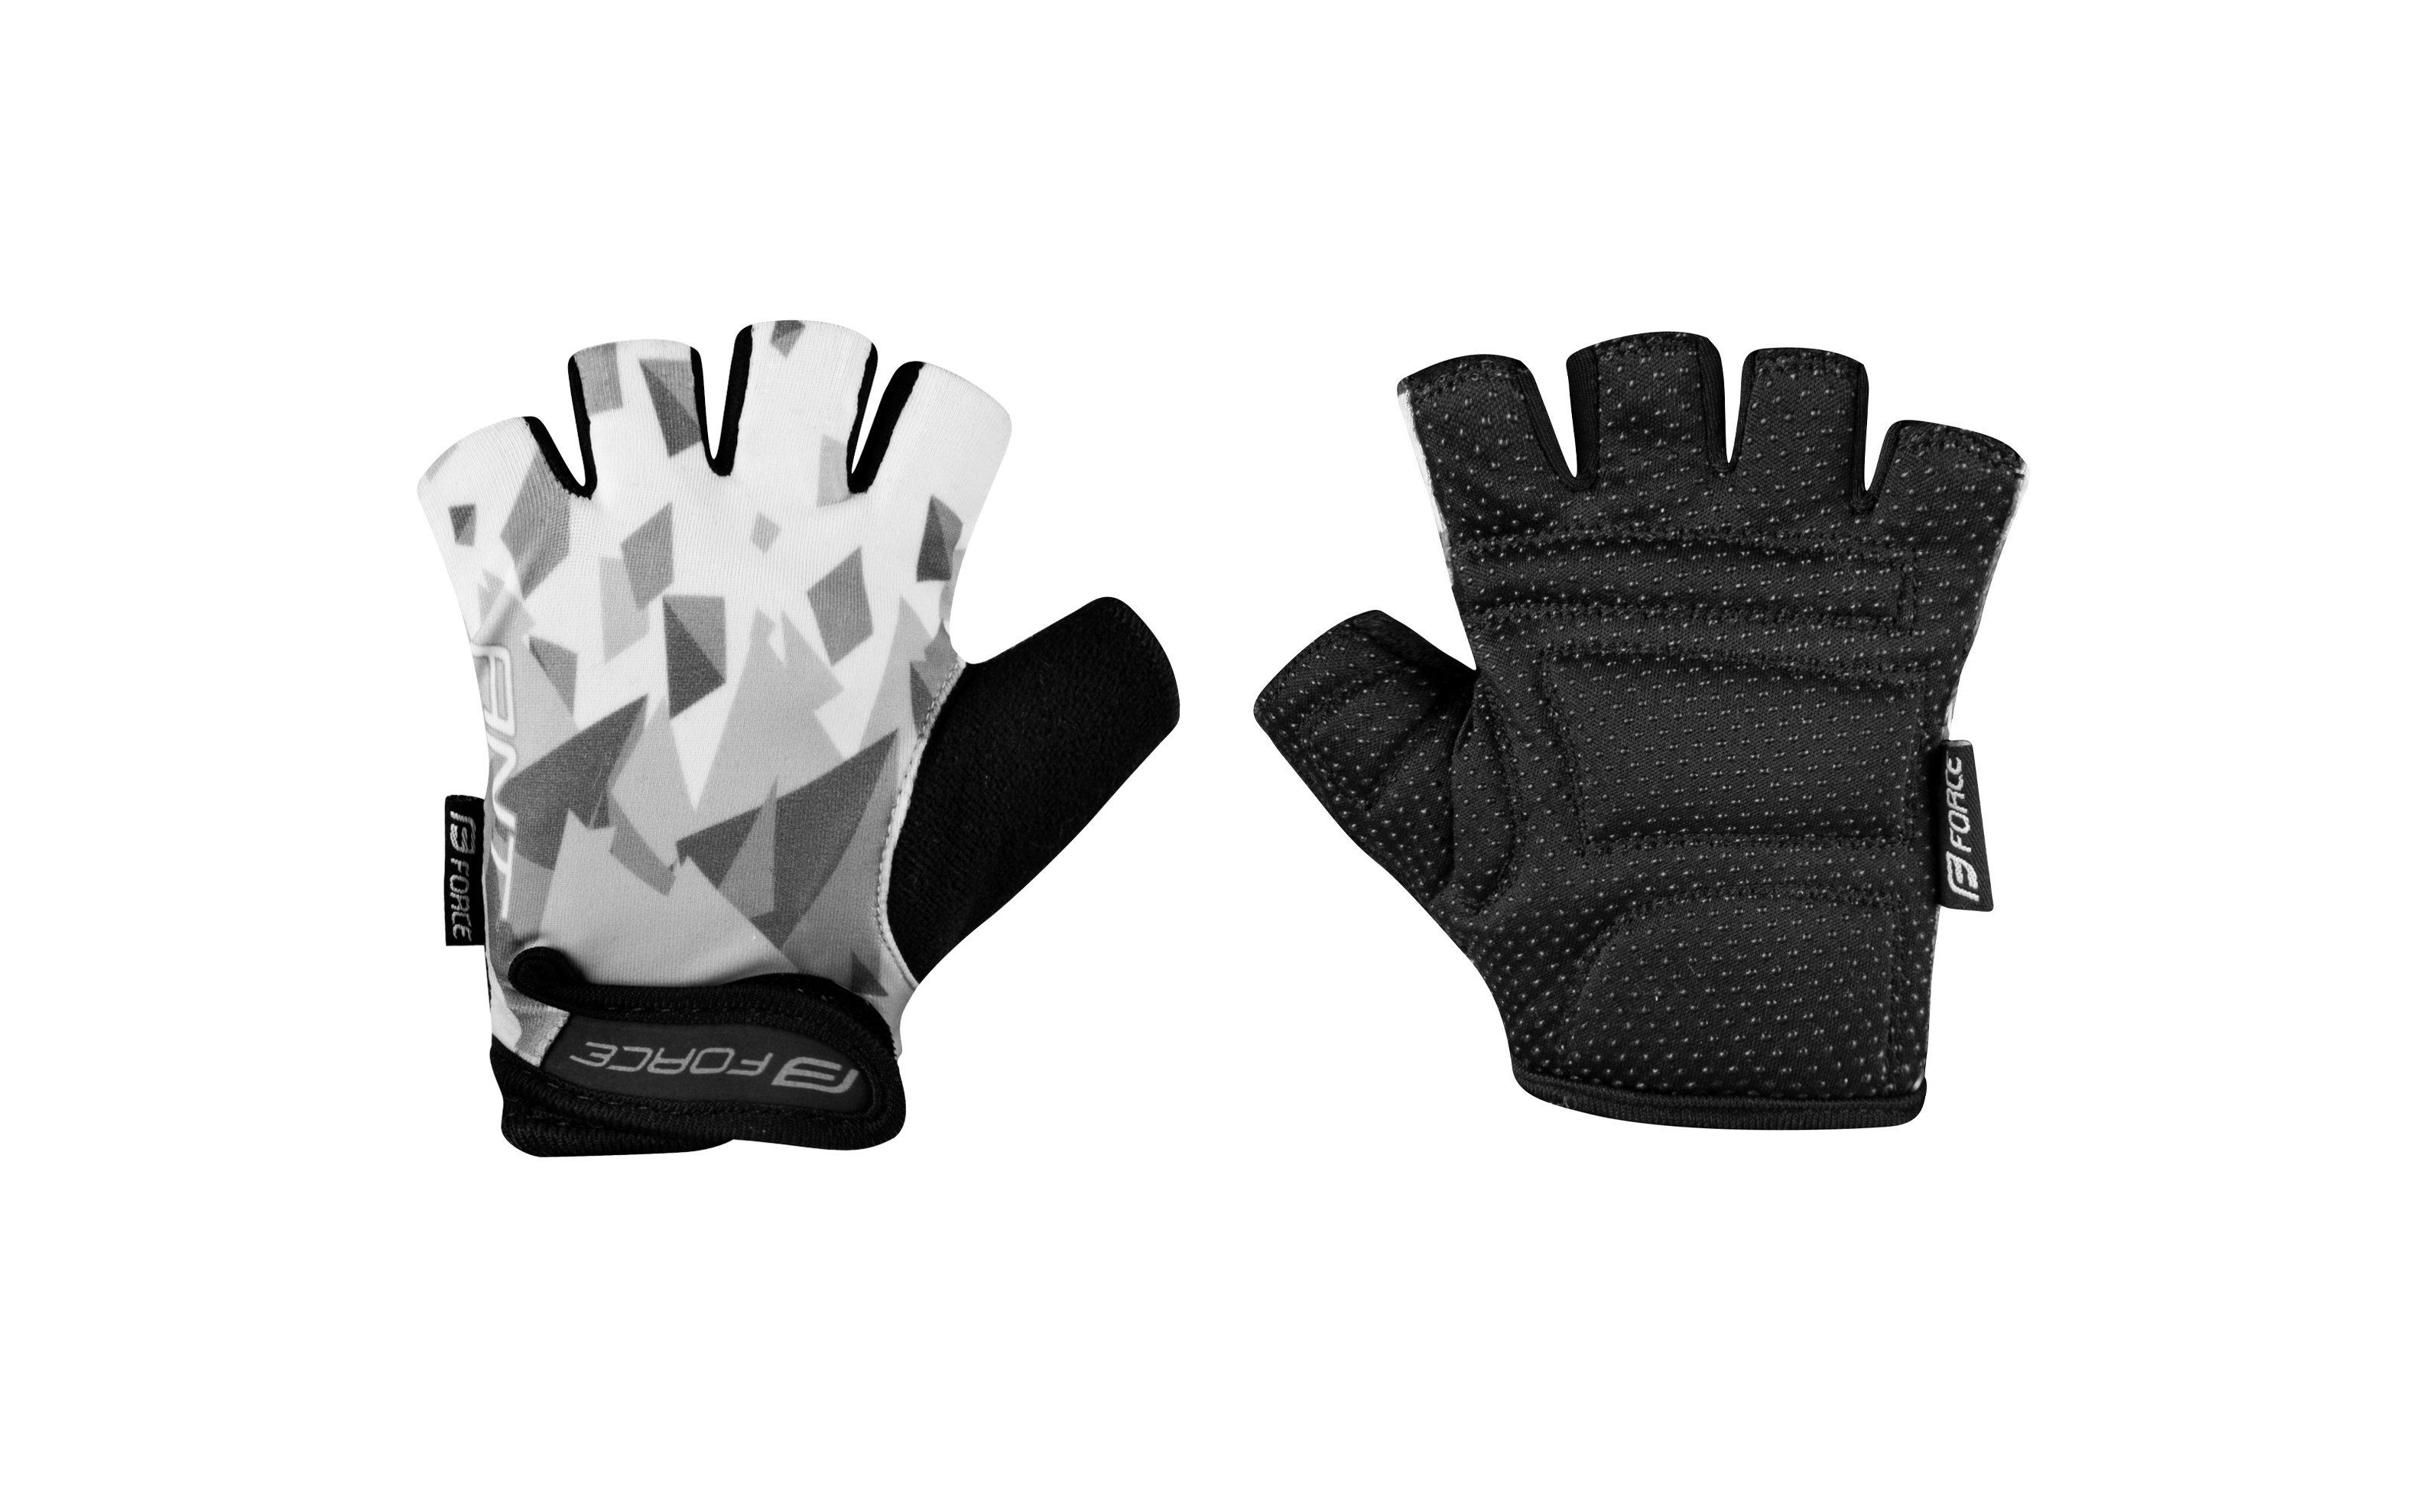 rukavice FORCE ANT dětské, šedo-bílé M